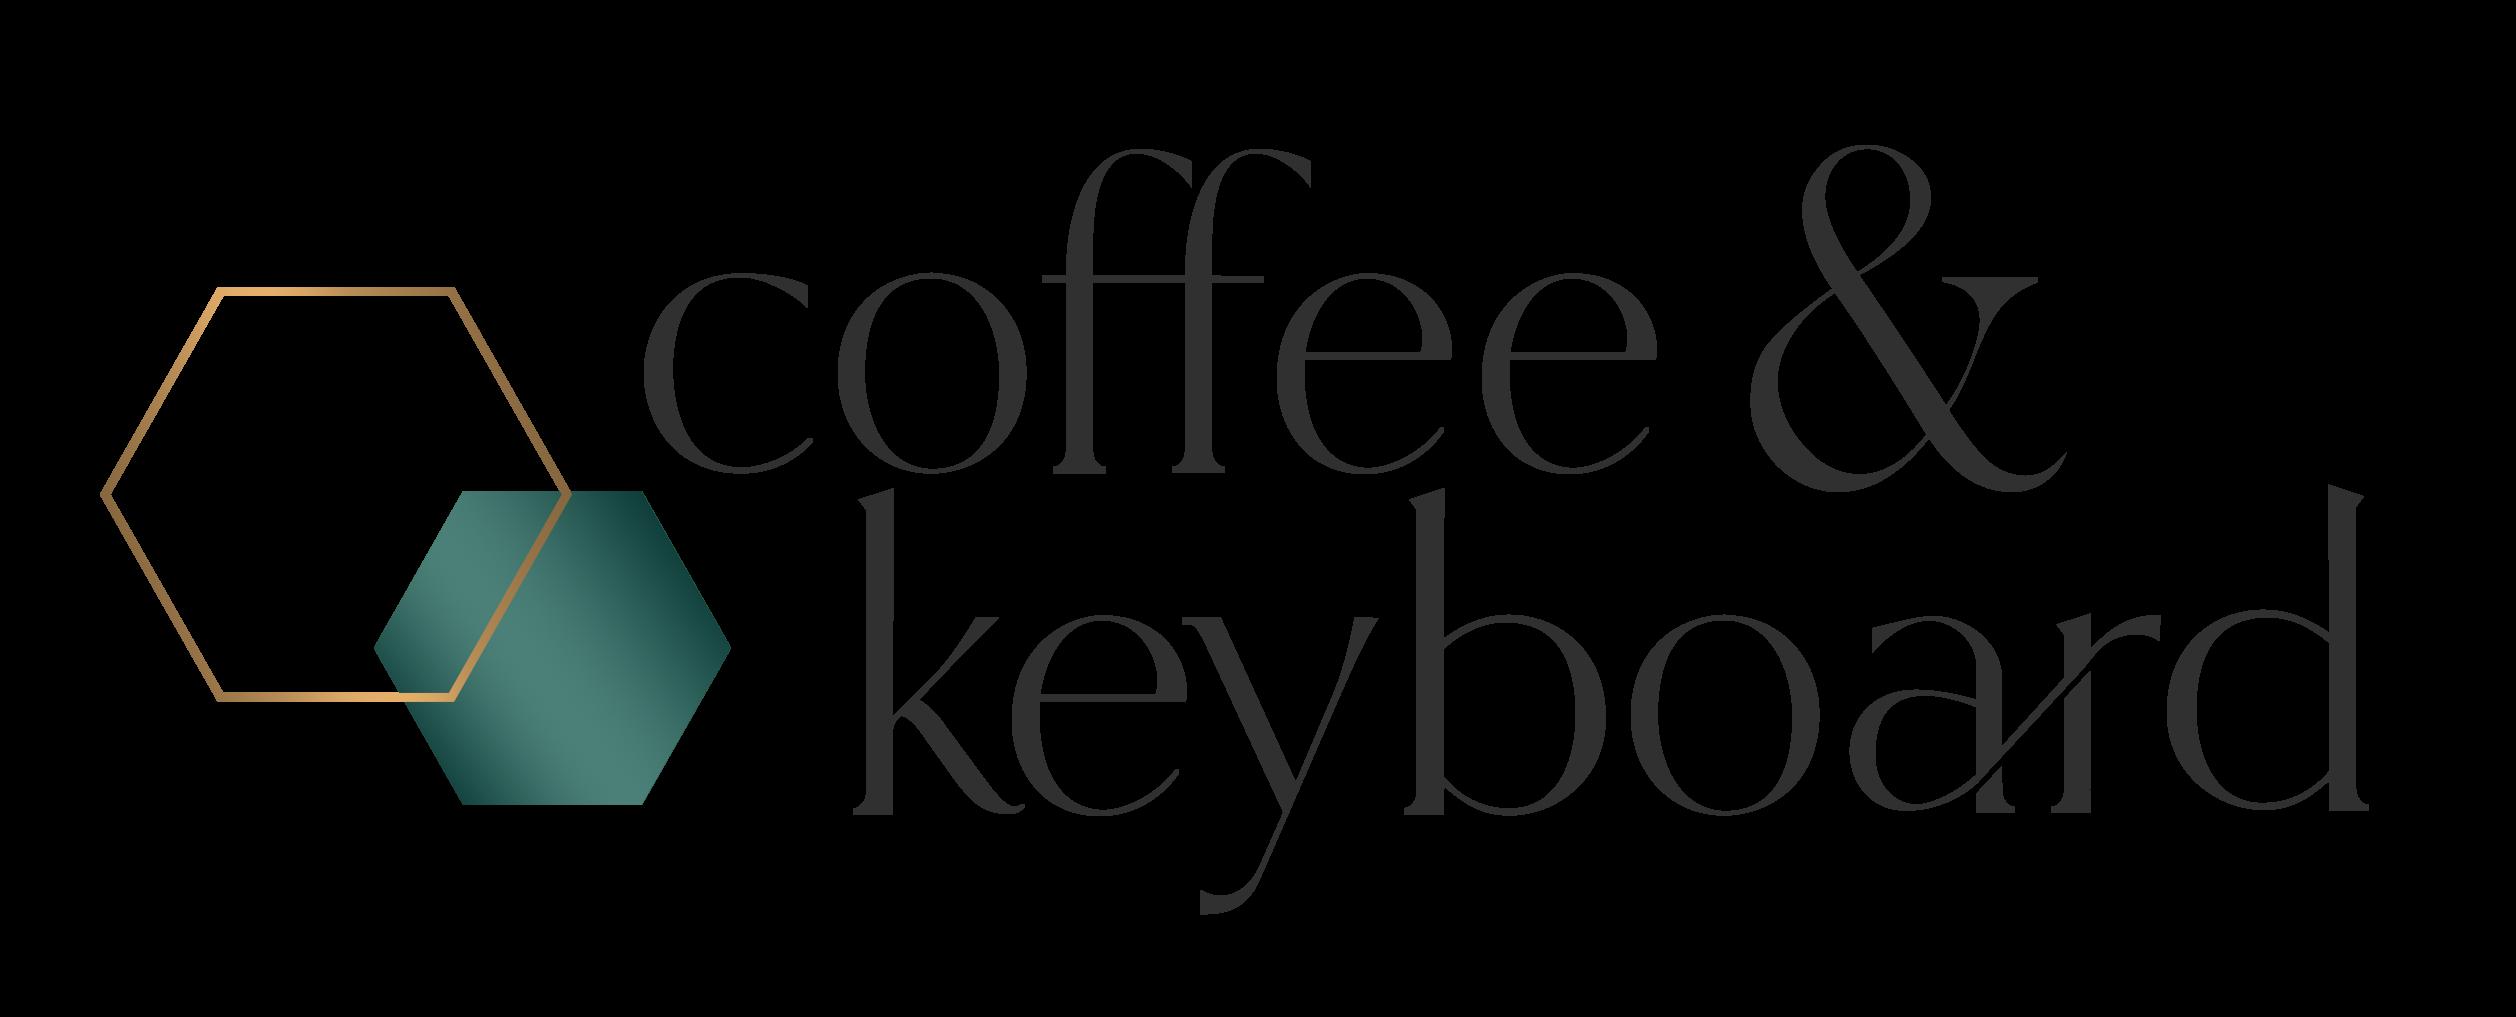 Coffee & Keyboard